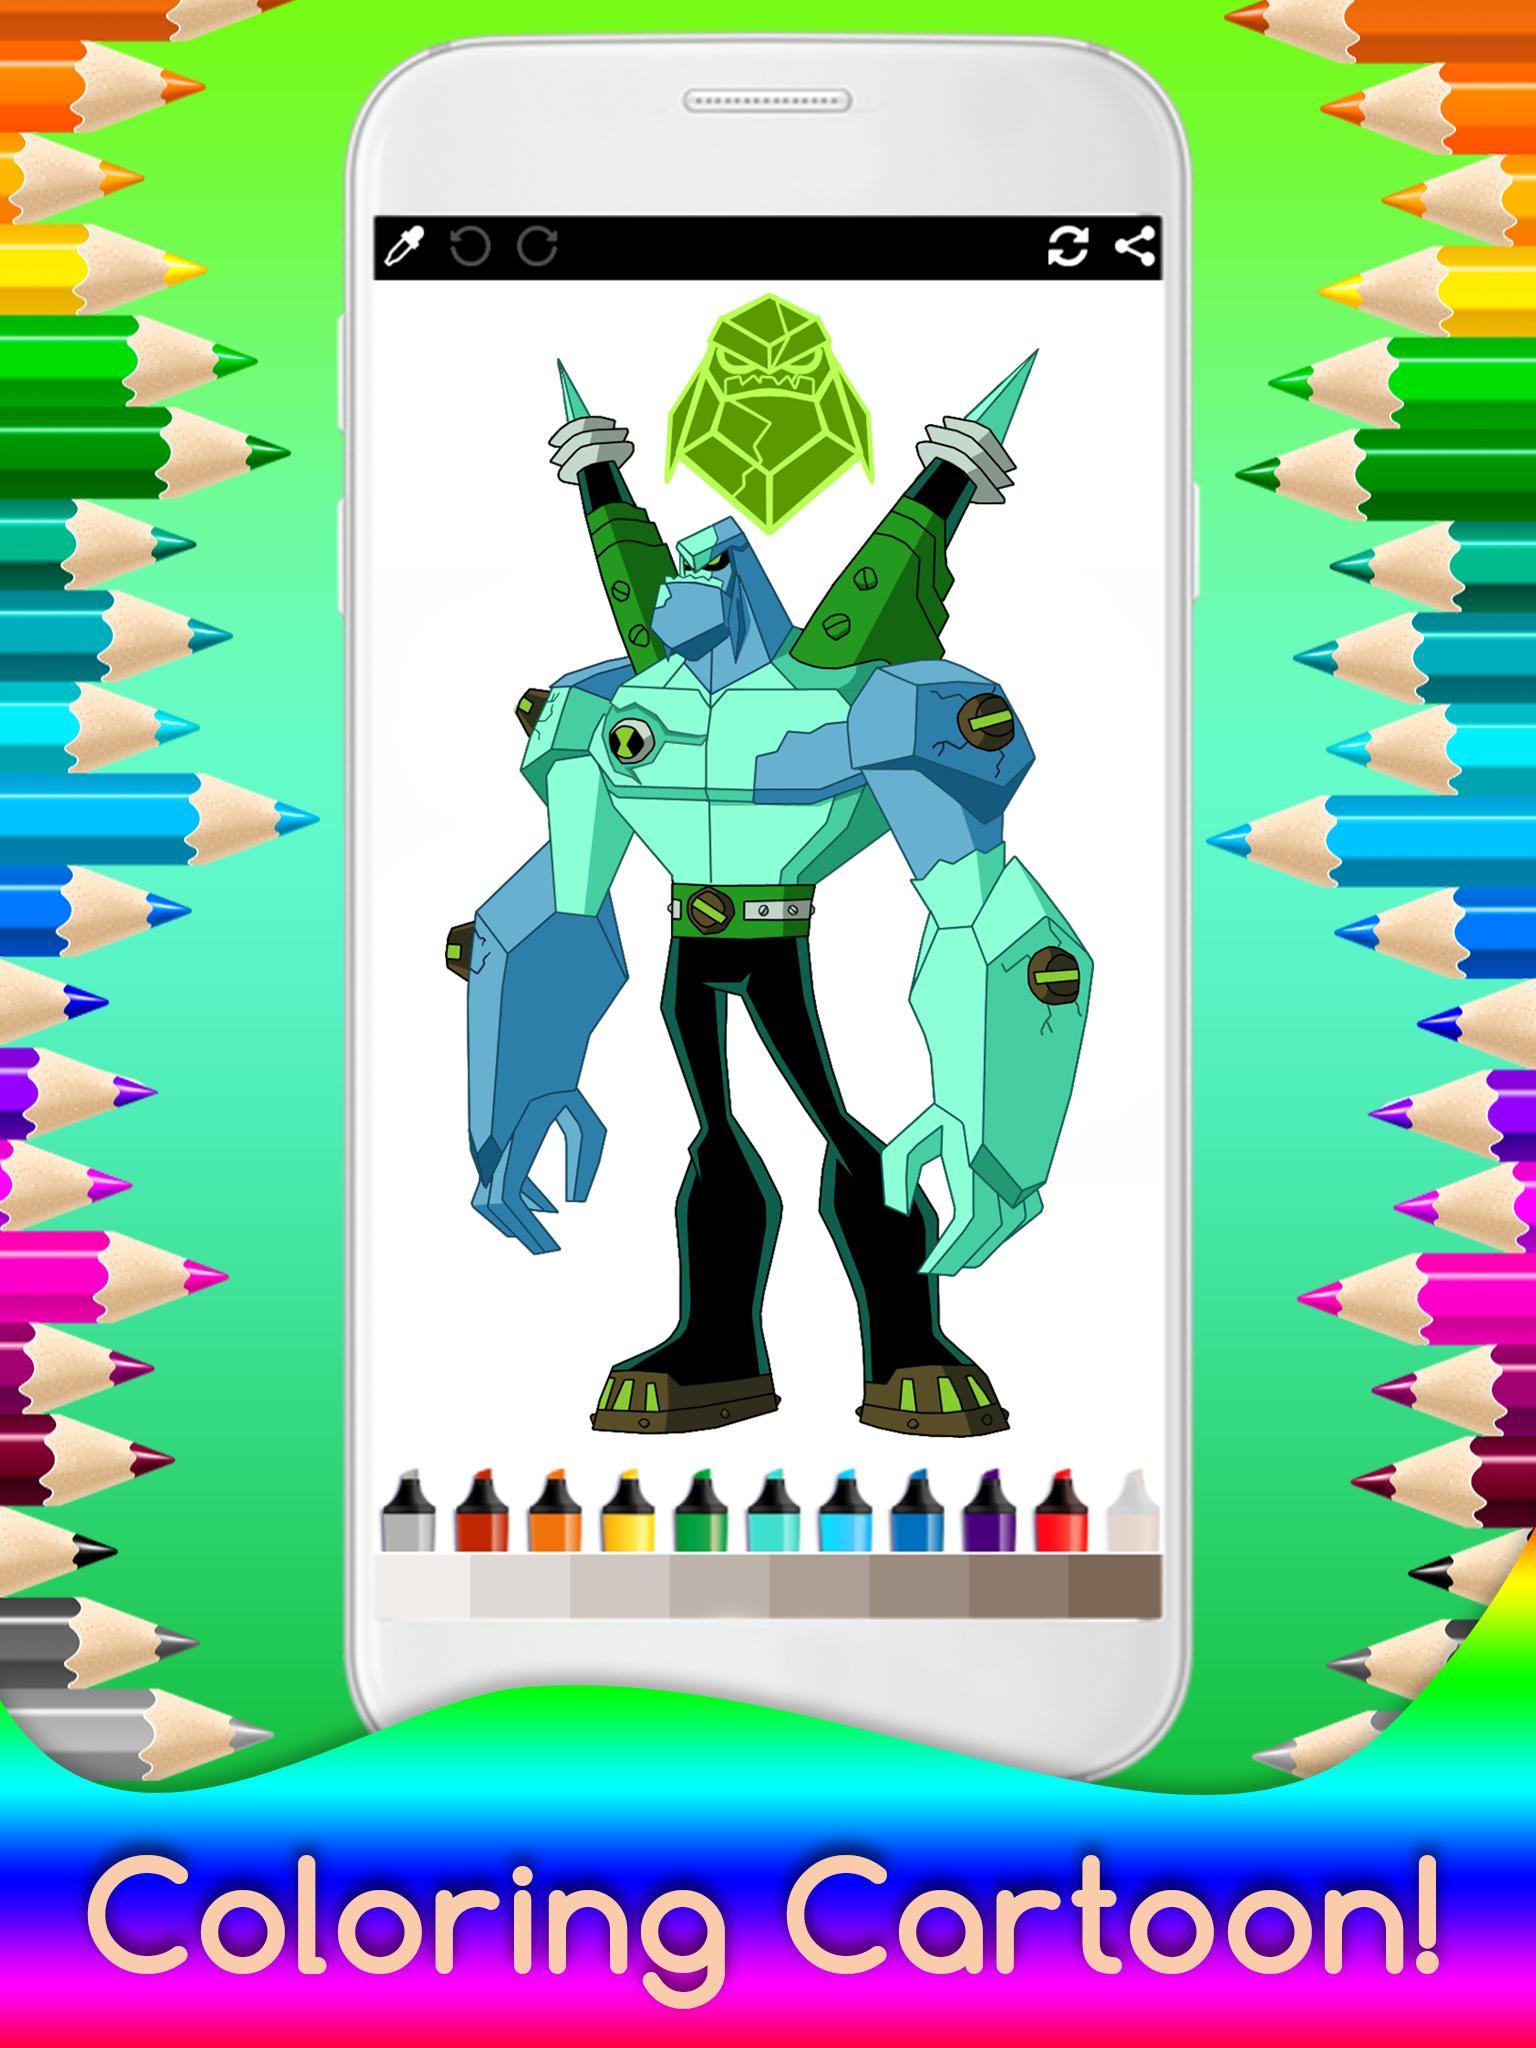 раскраска Ben Ten для детей для андроид скачать Apk